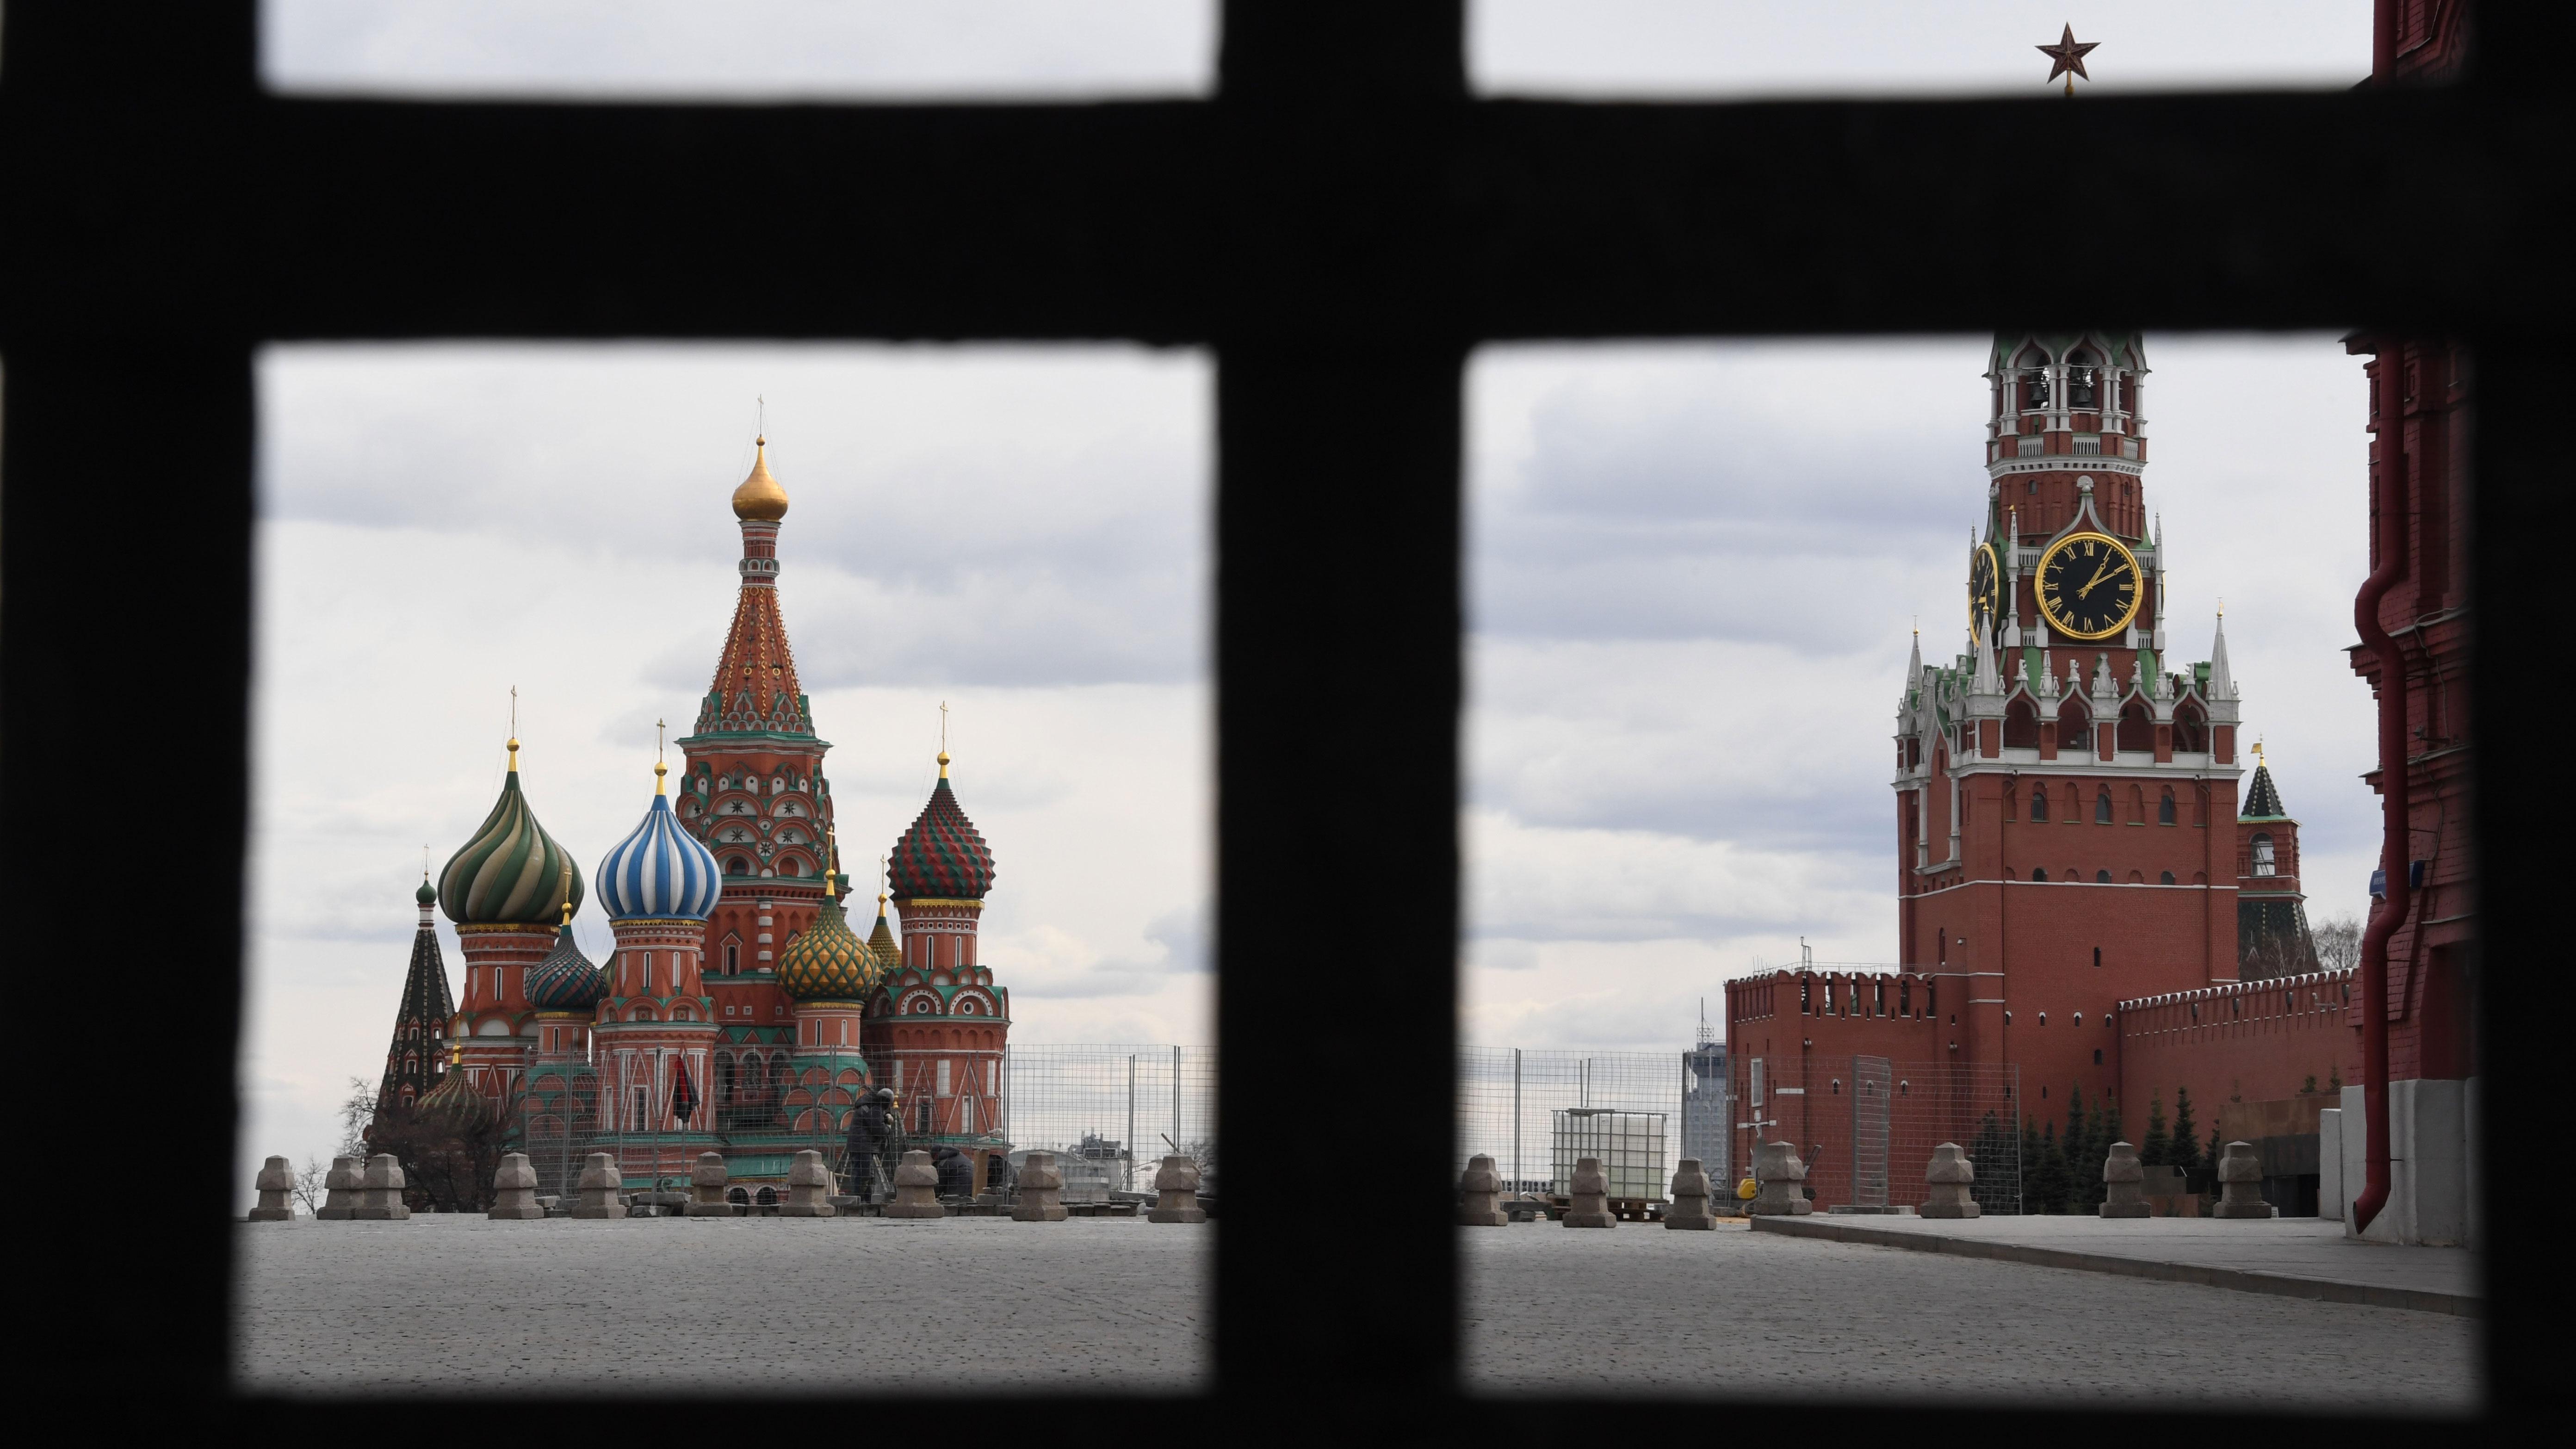 Генпрокуратура РФ требует заблокировать сайты с фейковой информацией о пропусках в Москве